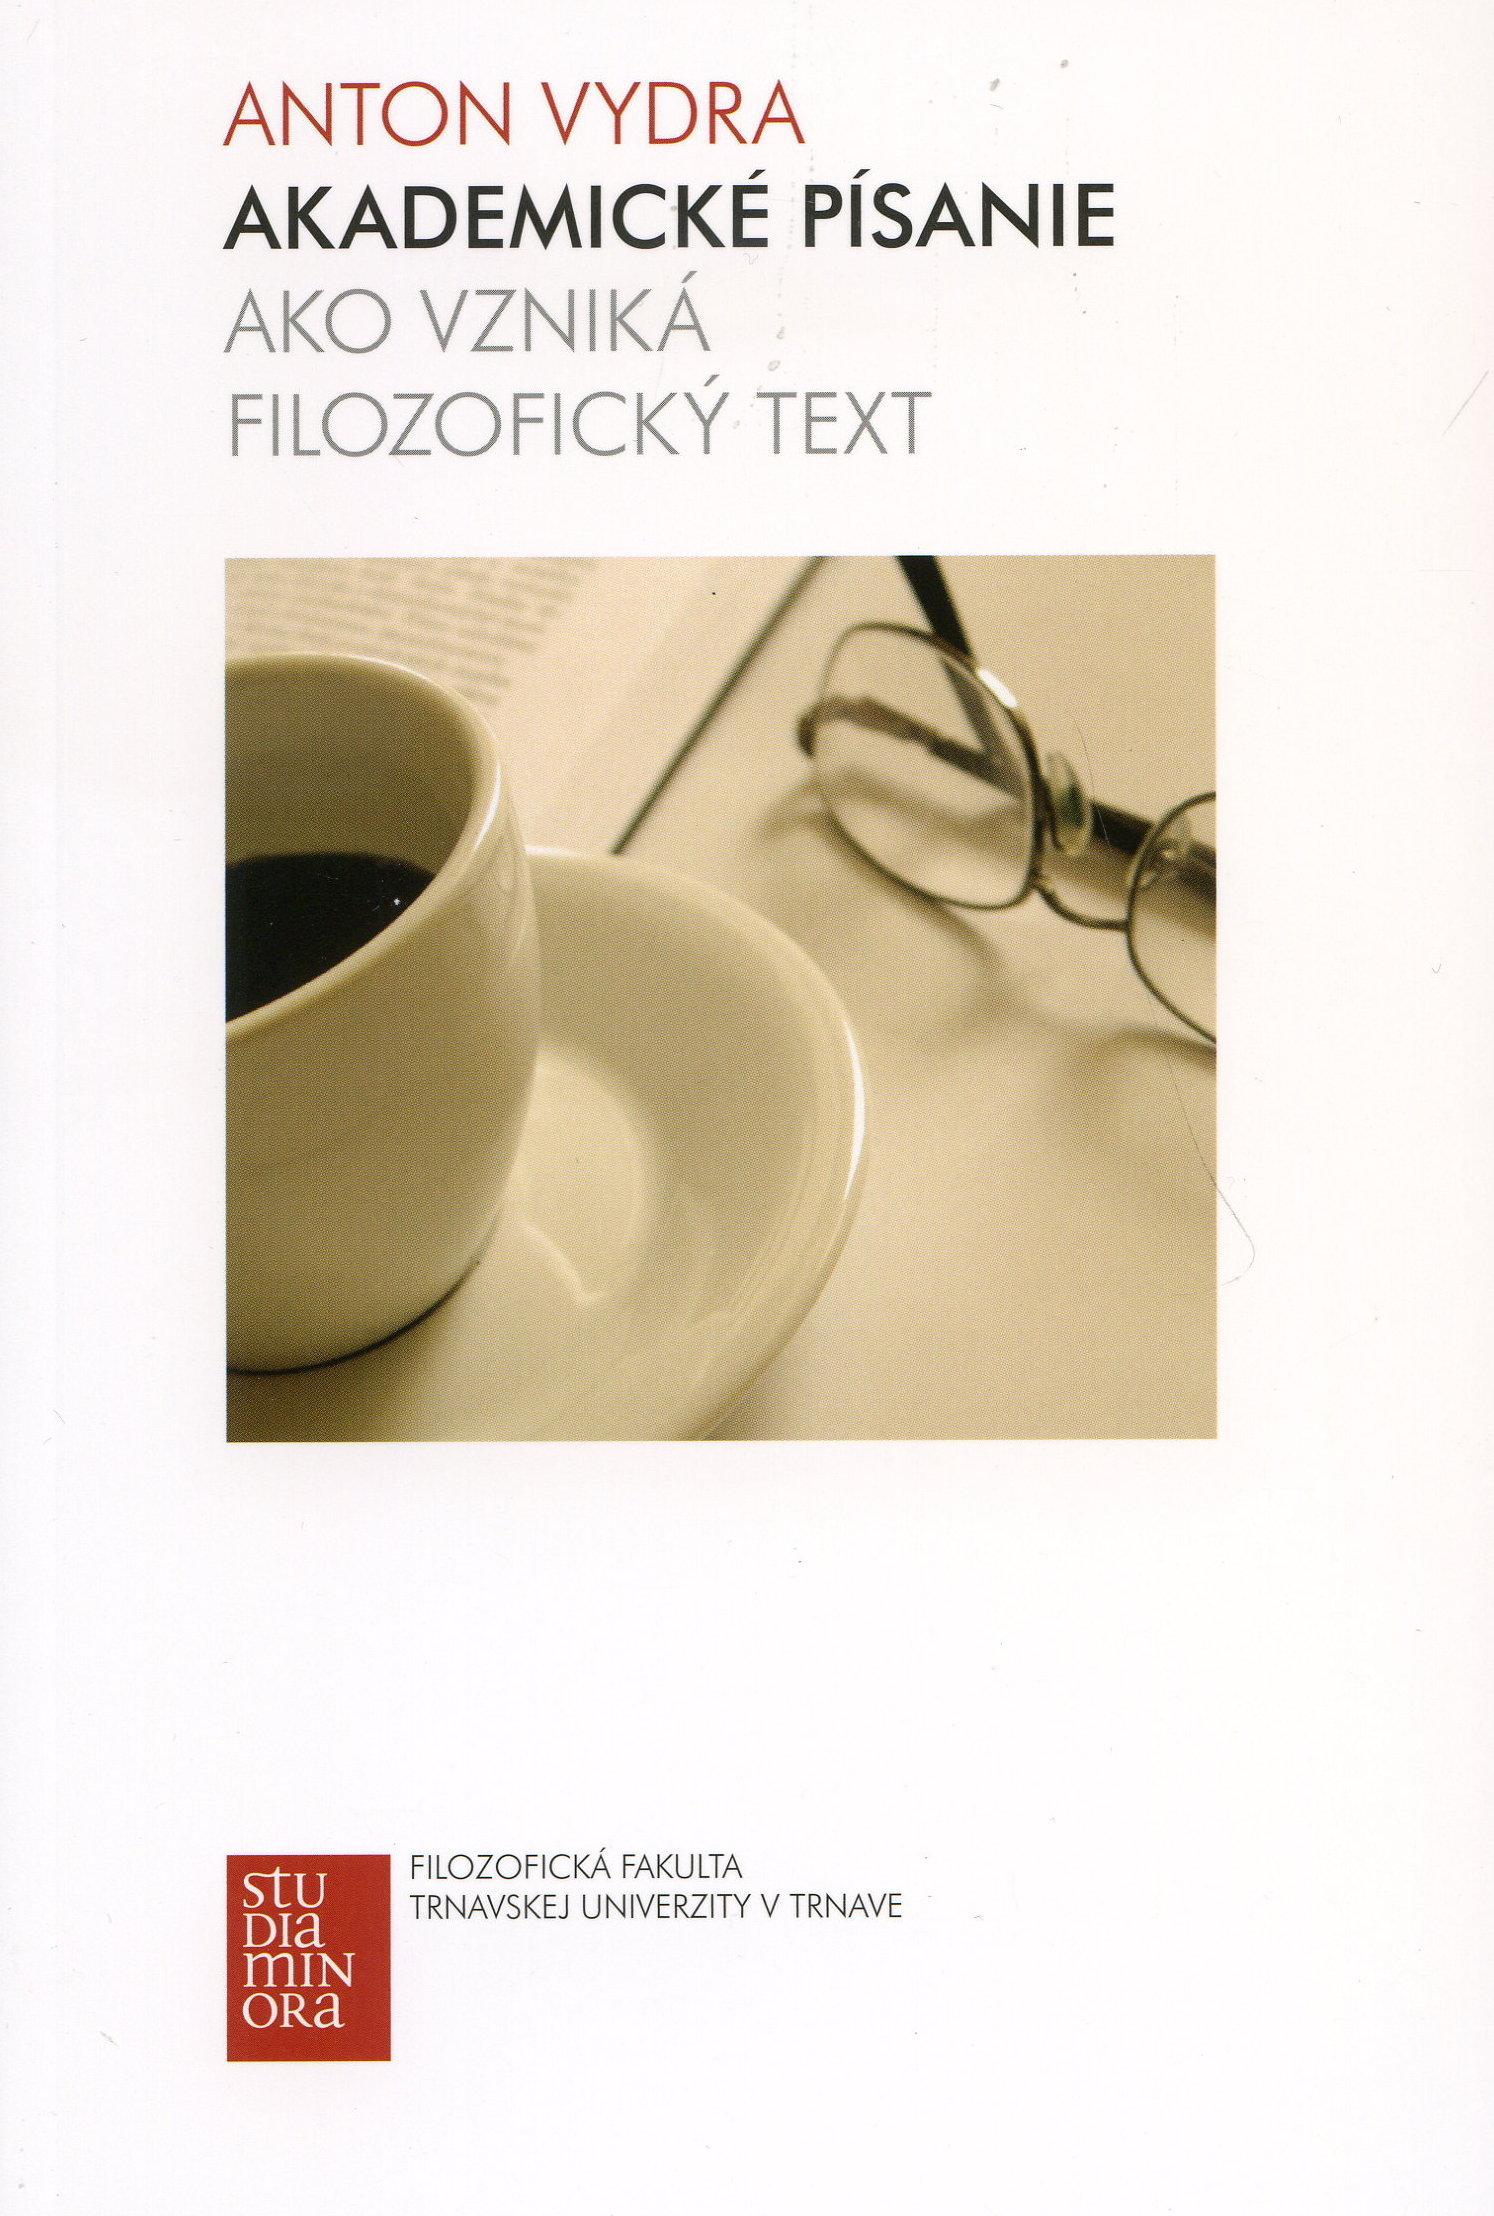 Akademické písanie - ako vzniká filozofický text